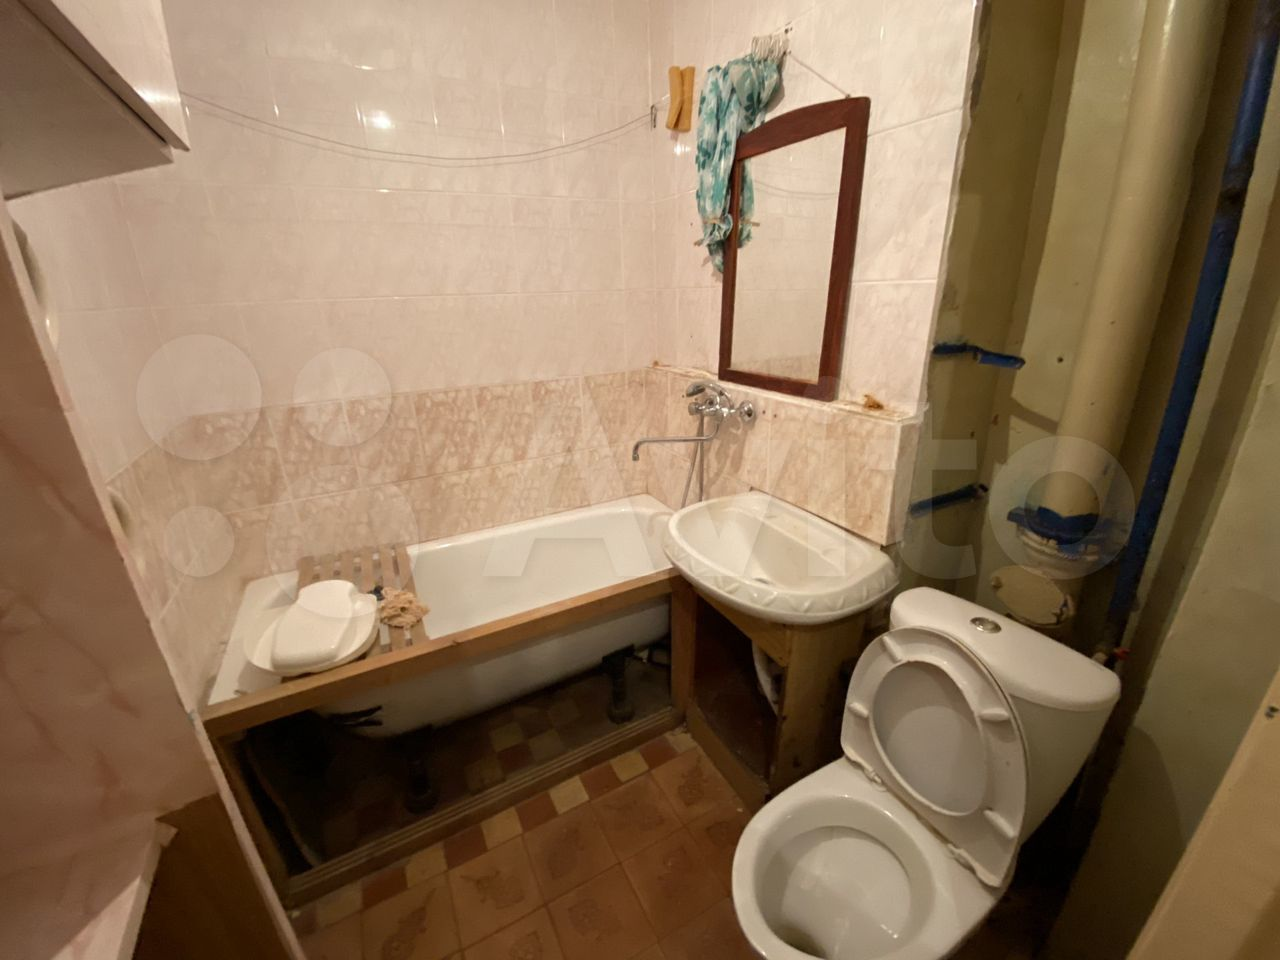 1-к квартира, 31.8 м², 1/2 эт.  89176119095 купить 5